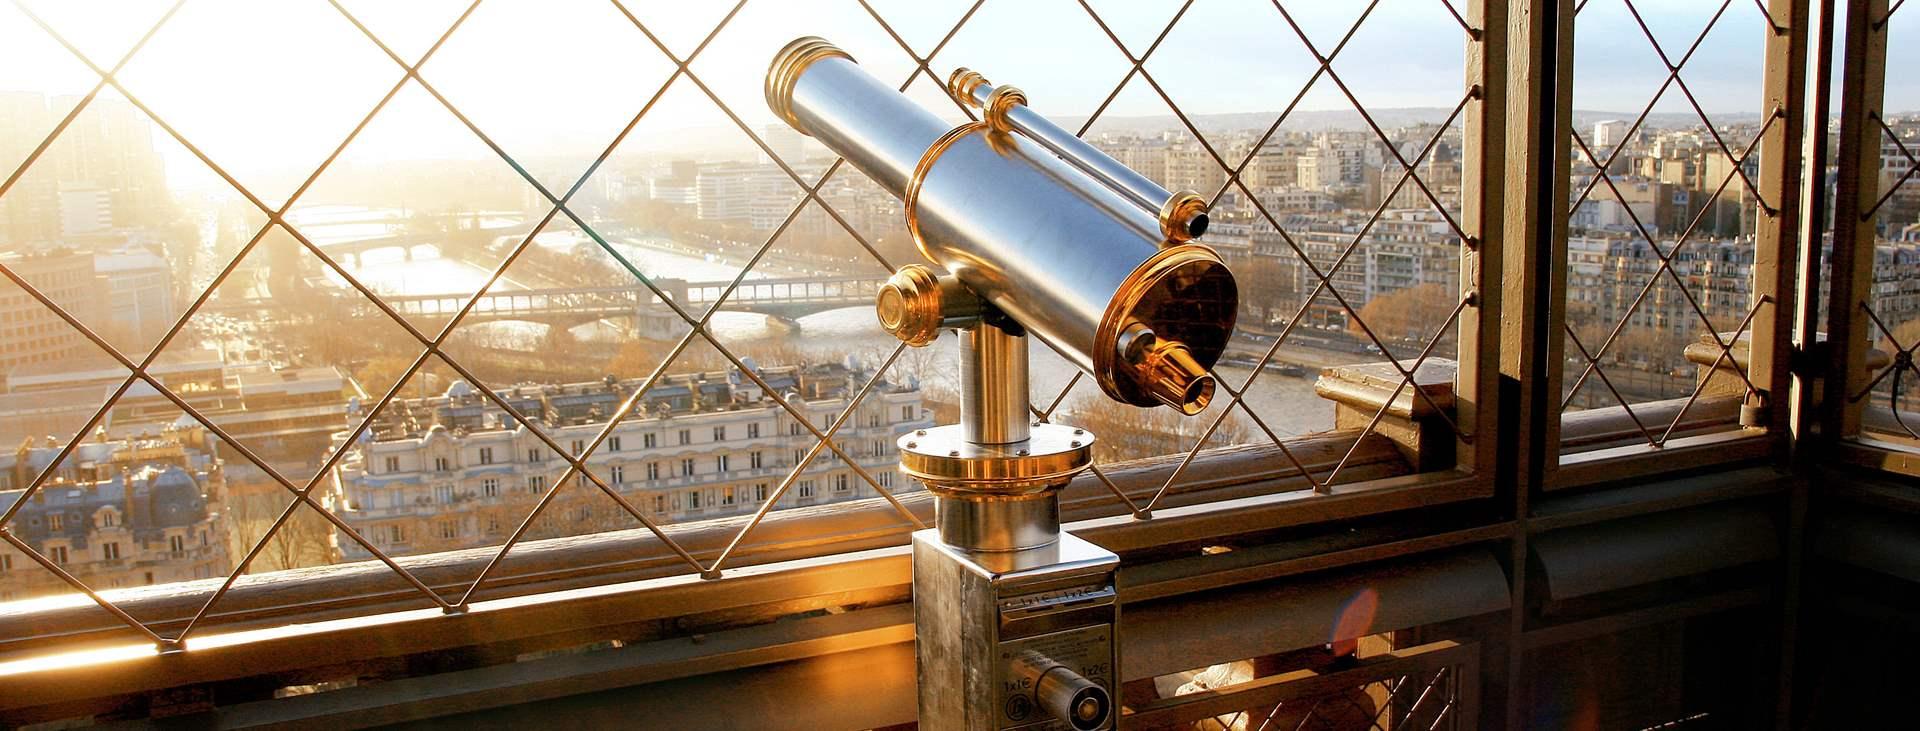 Boka en resa till Paris med Ving